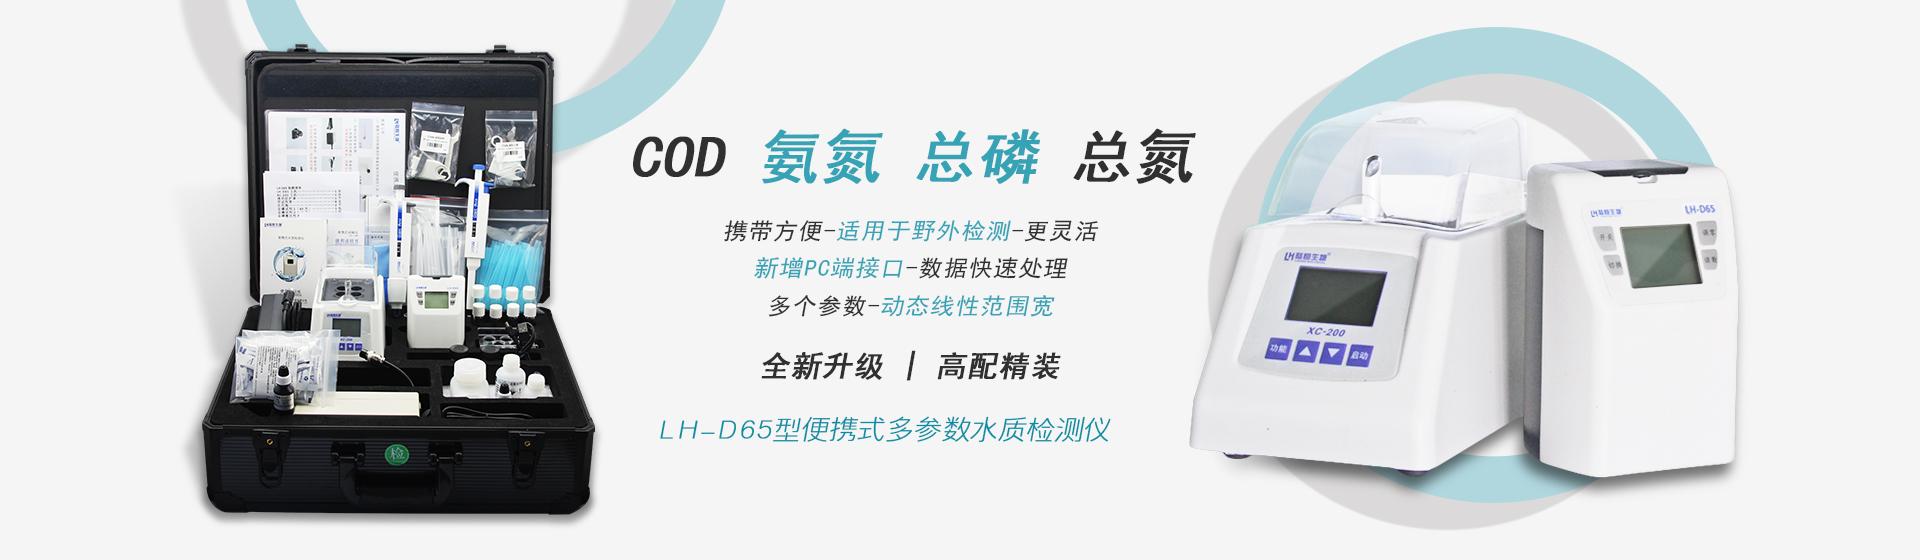 banner-LH-D65豪華裝